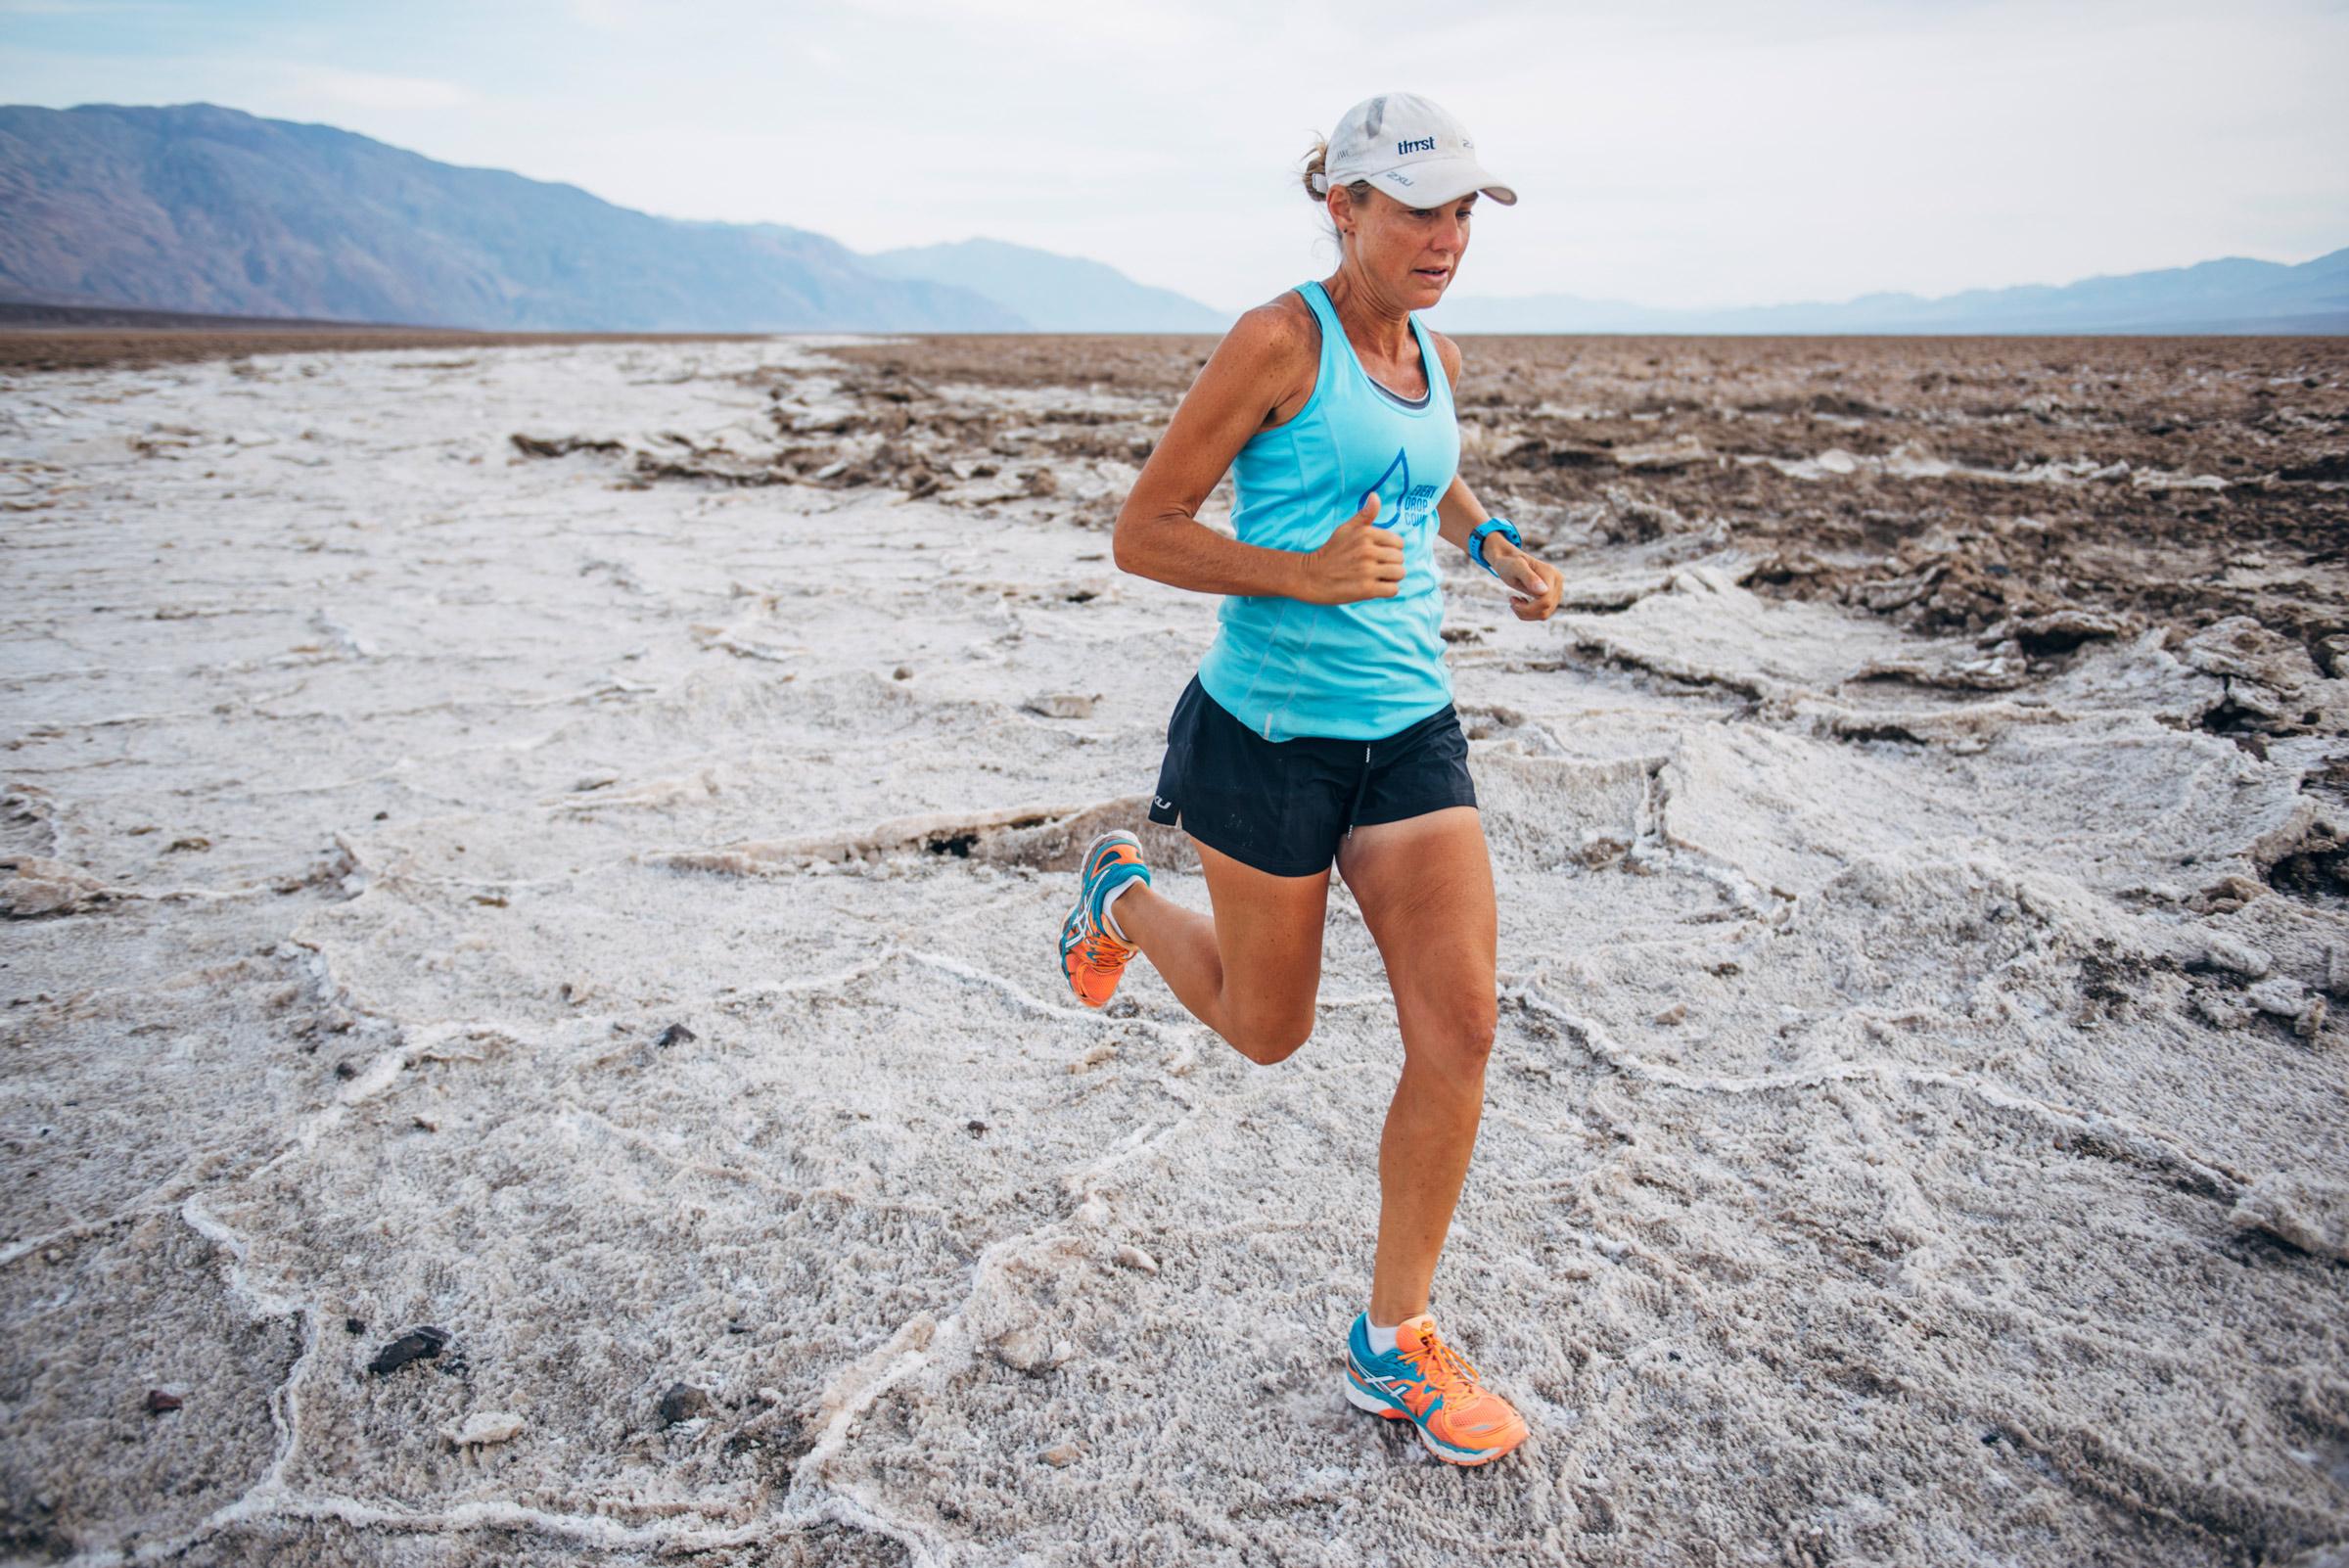 Mina-Guli-running-the-Mojave-Desert-4---7-Deserts-Run---March-2016.jpg